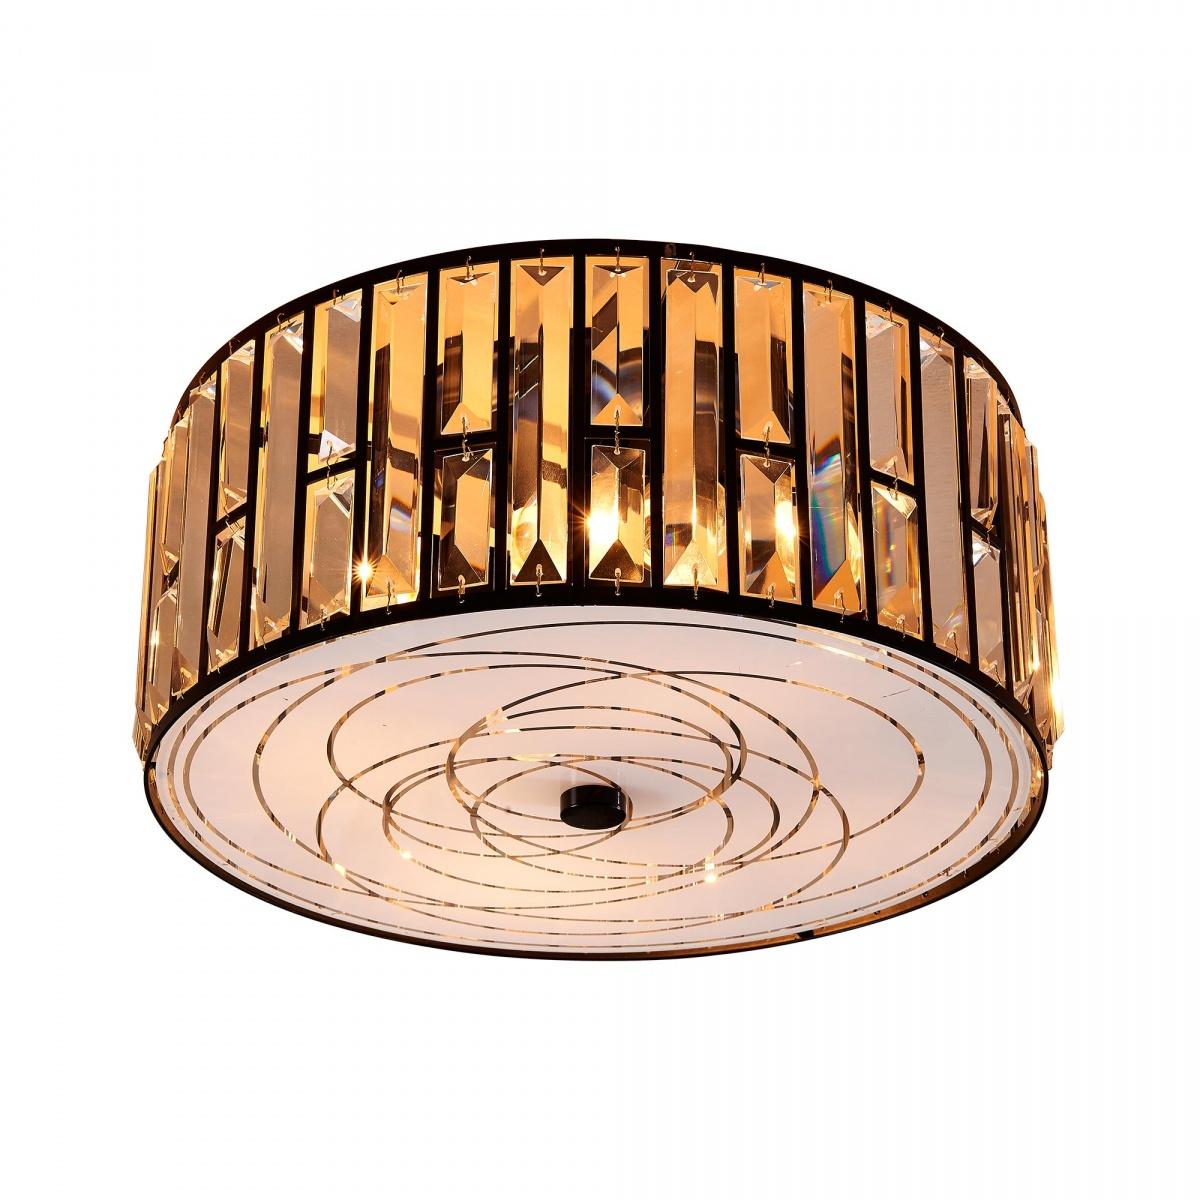 CITILUX CL331151 Потолочный светильник ГЕРМЕС 5x100W E27